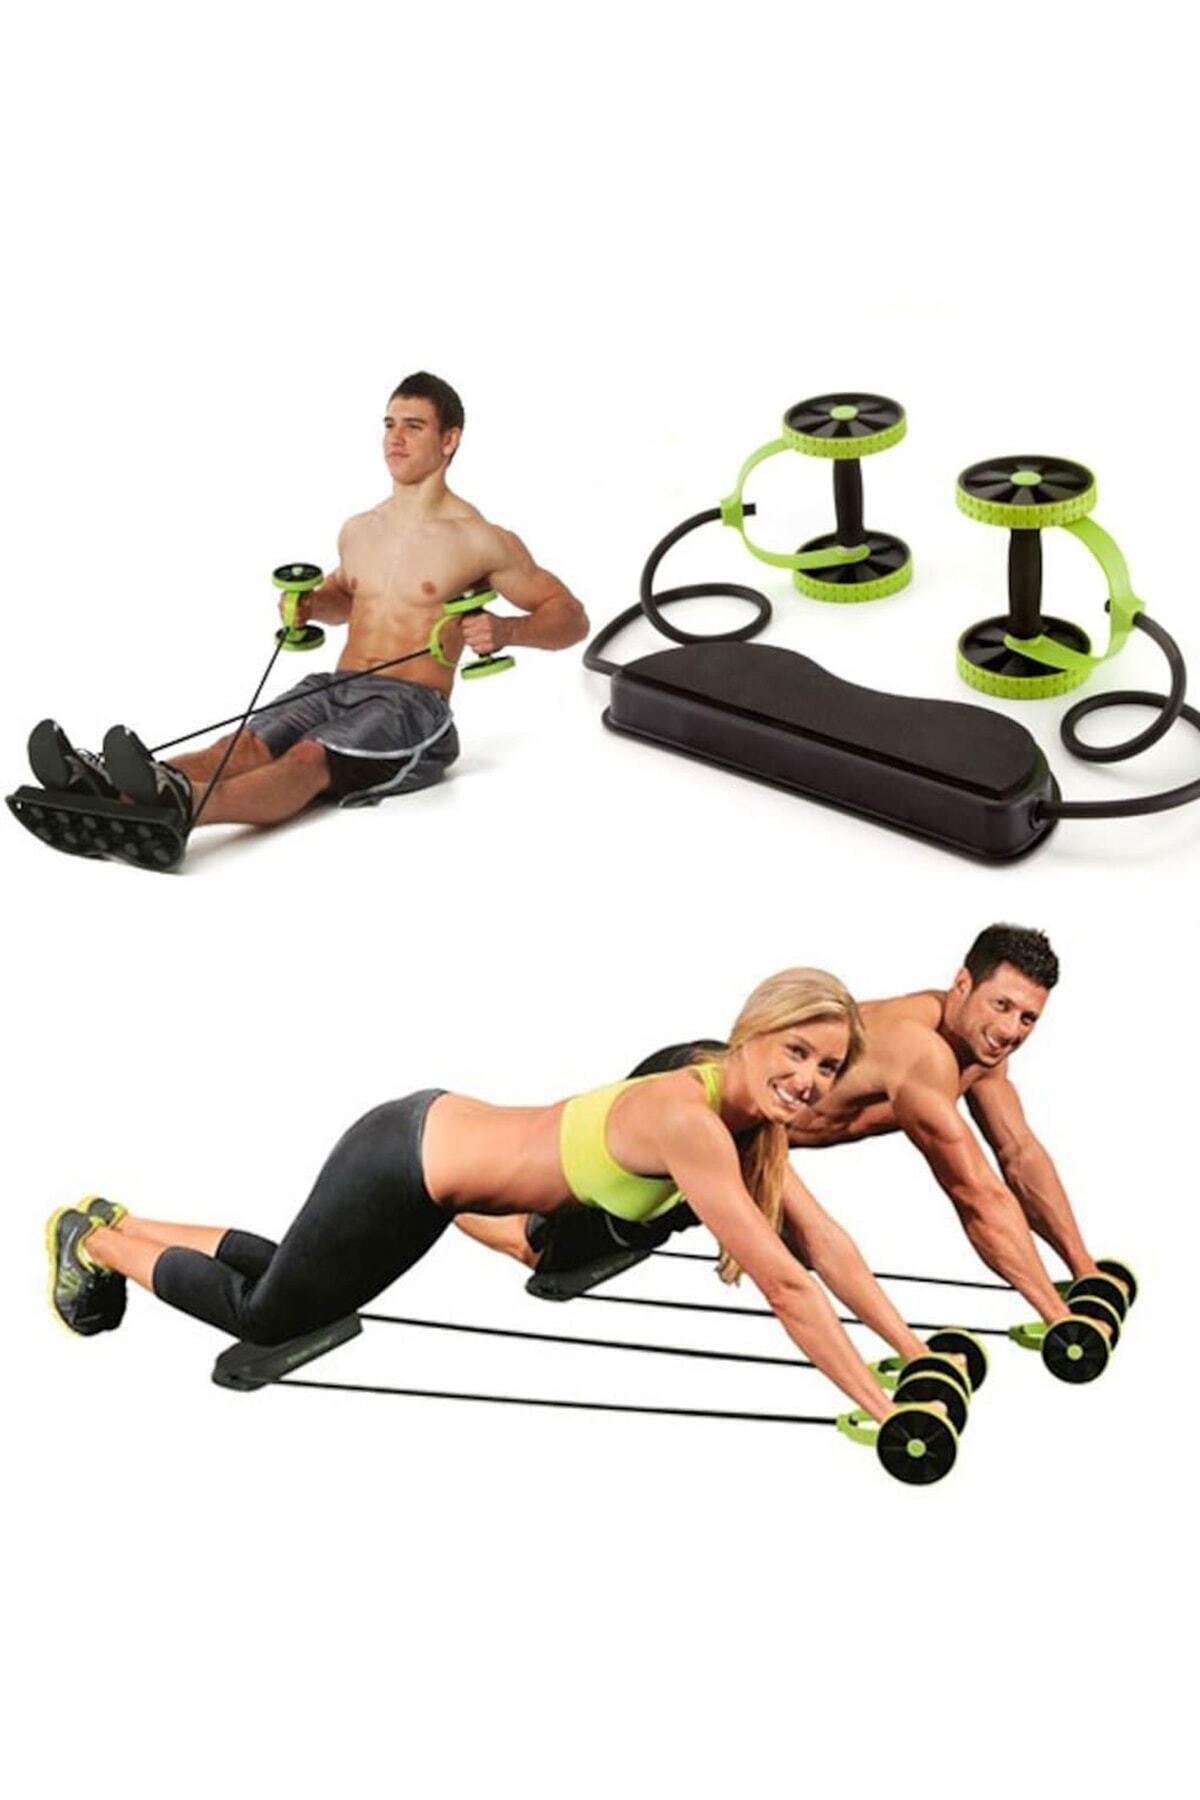 Pro Karın Kası Göbek Eritme Fitness Egzersiz Spor Aleti